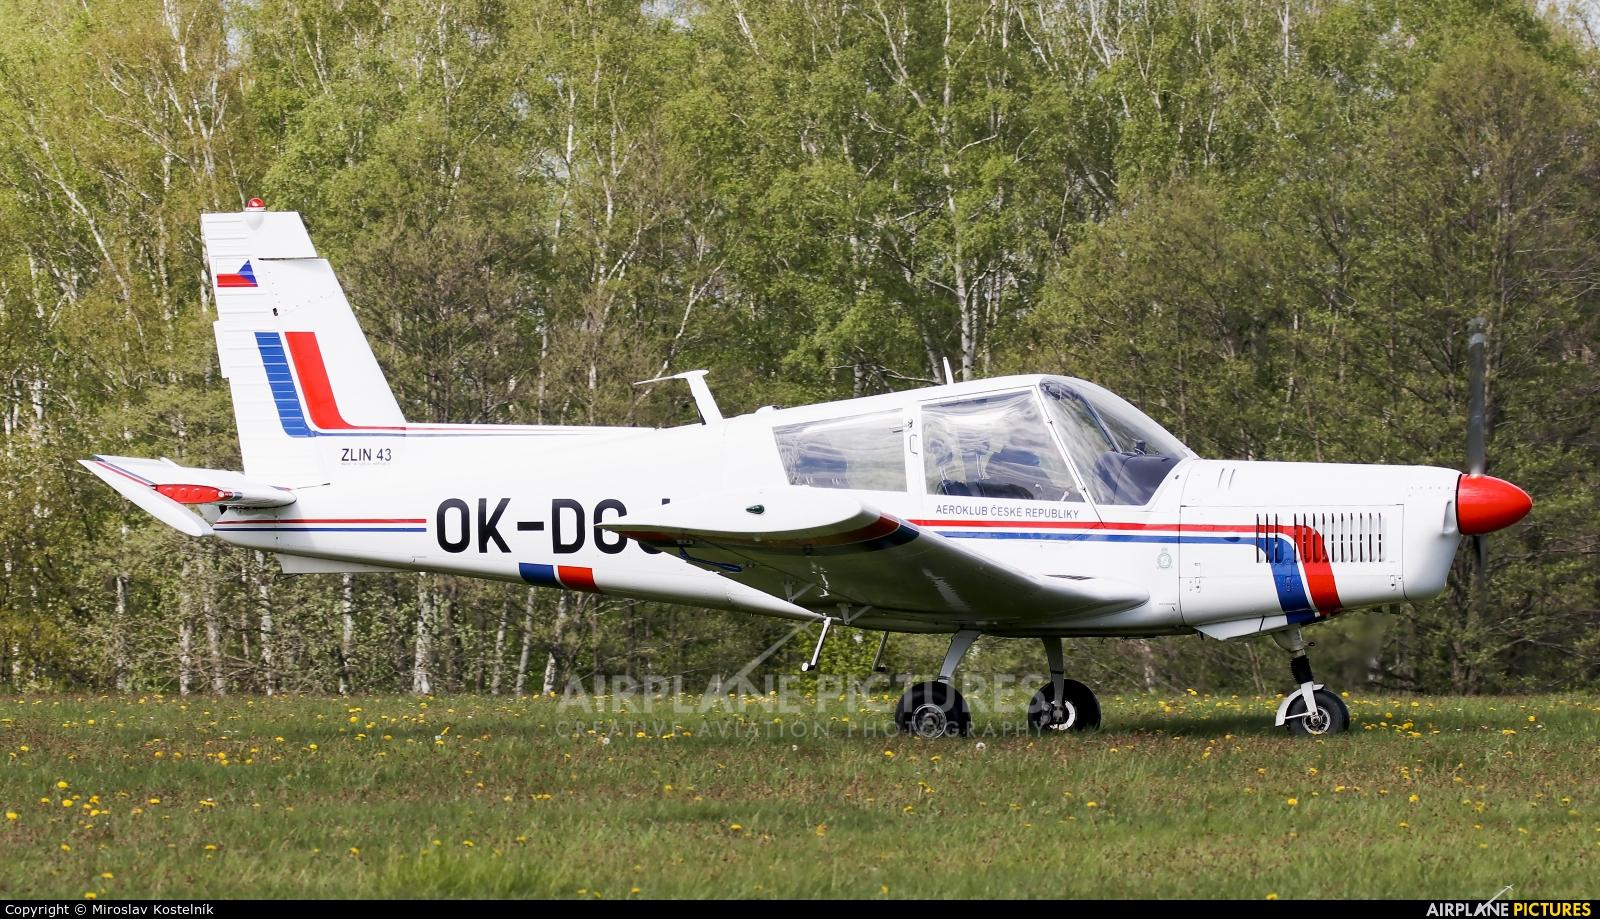 Aeroklub Czech Republic OK-DOJ aircraft at Letiště Frýdlant nad Ostravicí